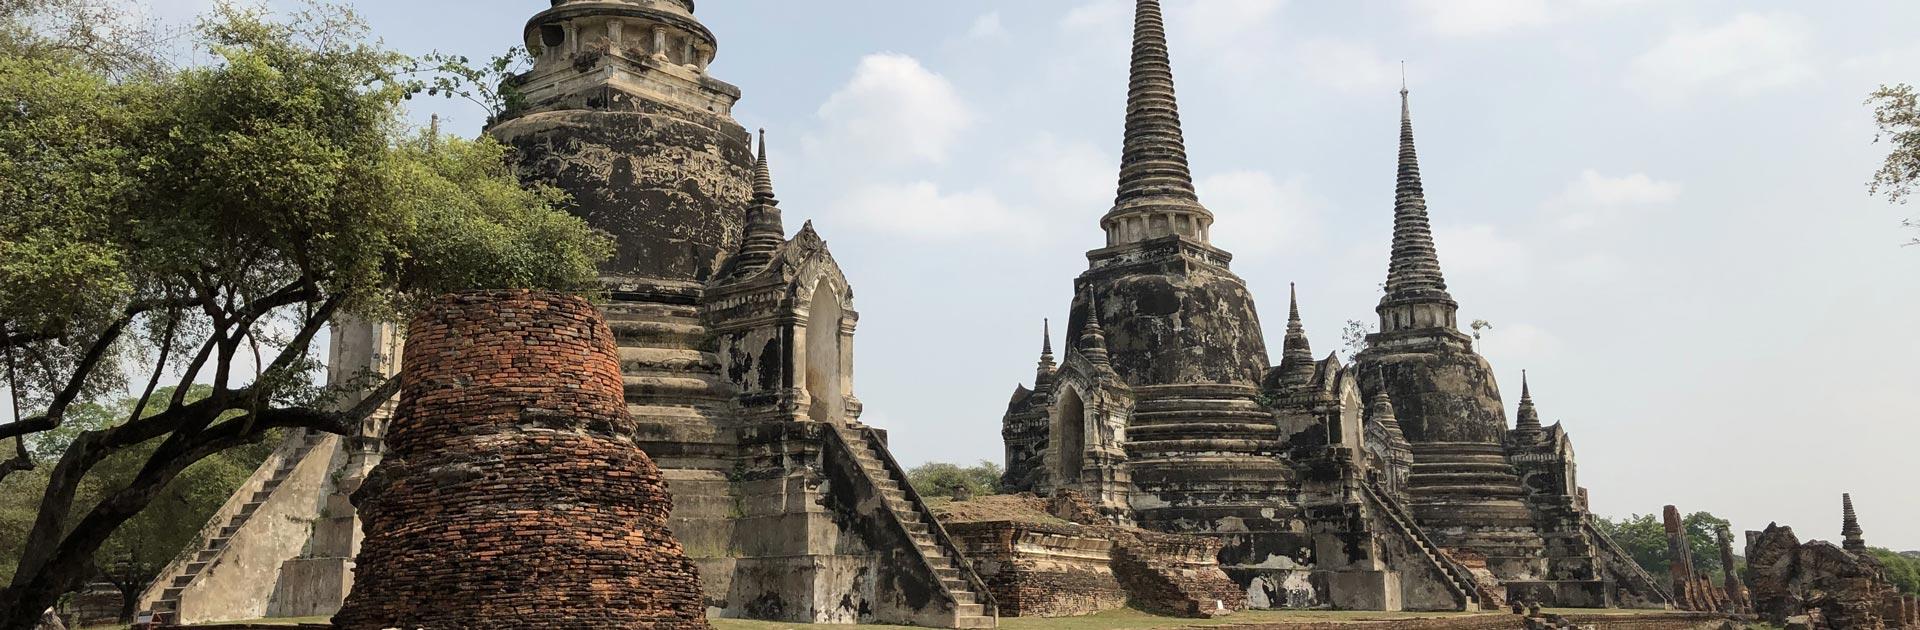 TH Tentaciones de Tailandia 9 días 3